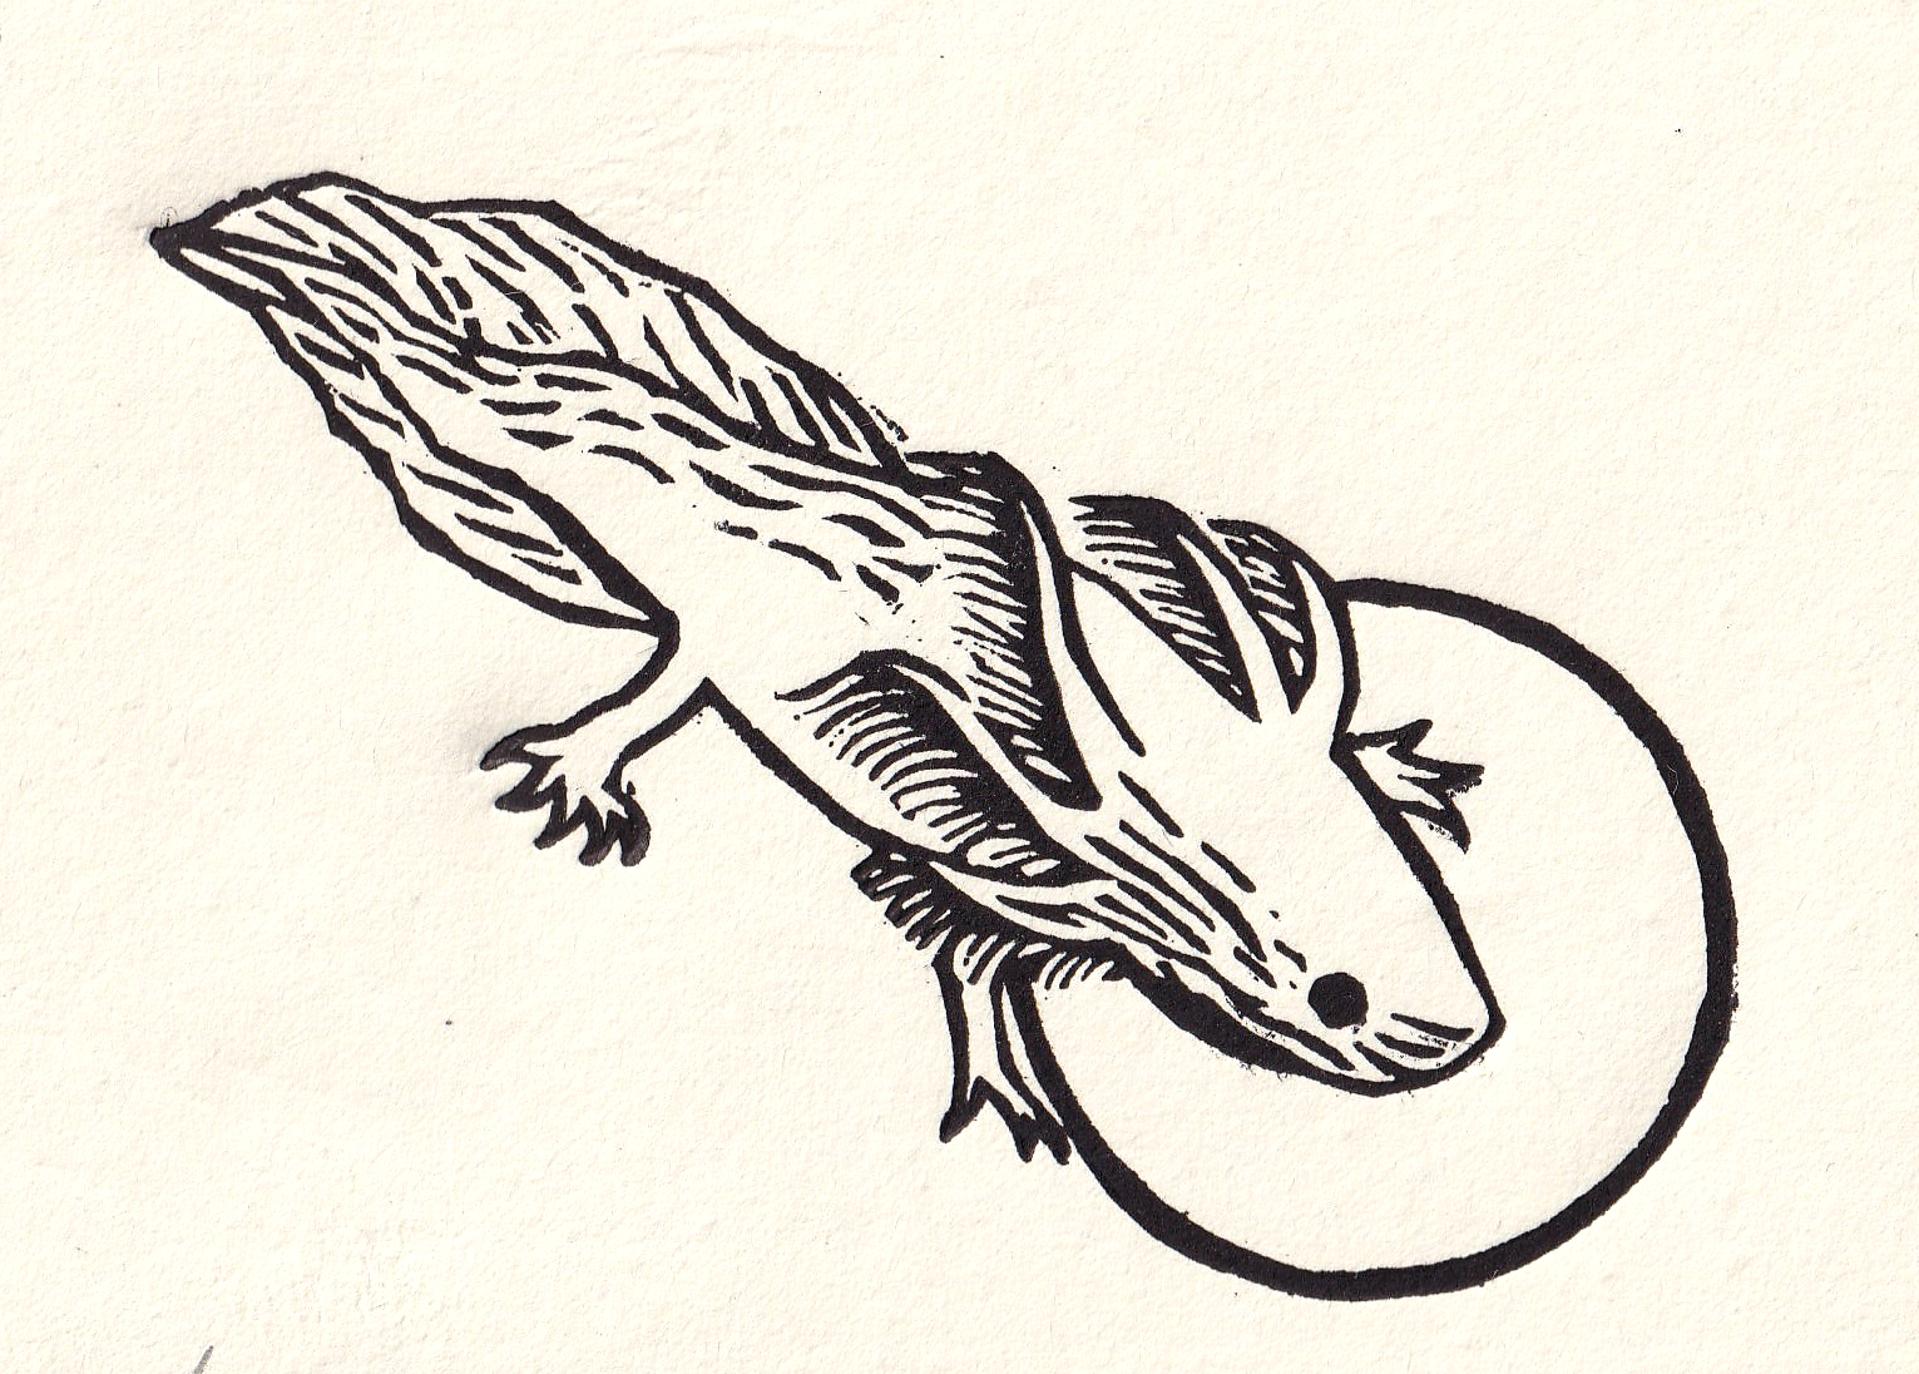 Salamandra by Miguel Jimenez Martinez